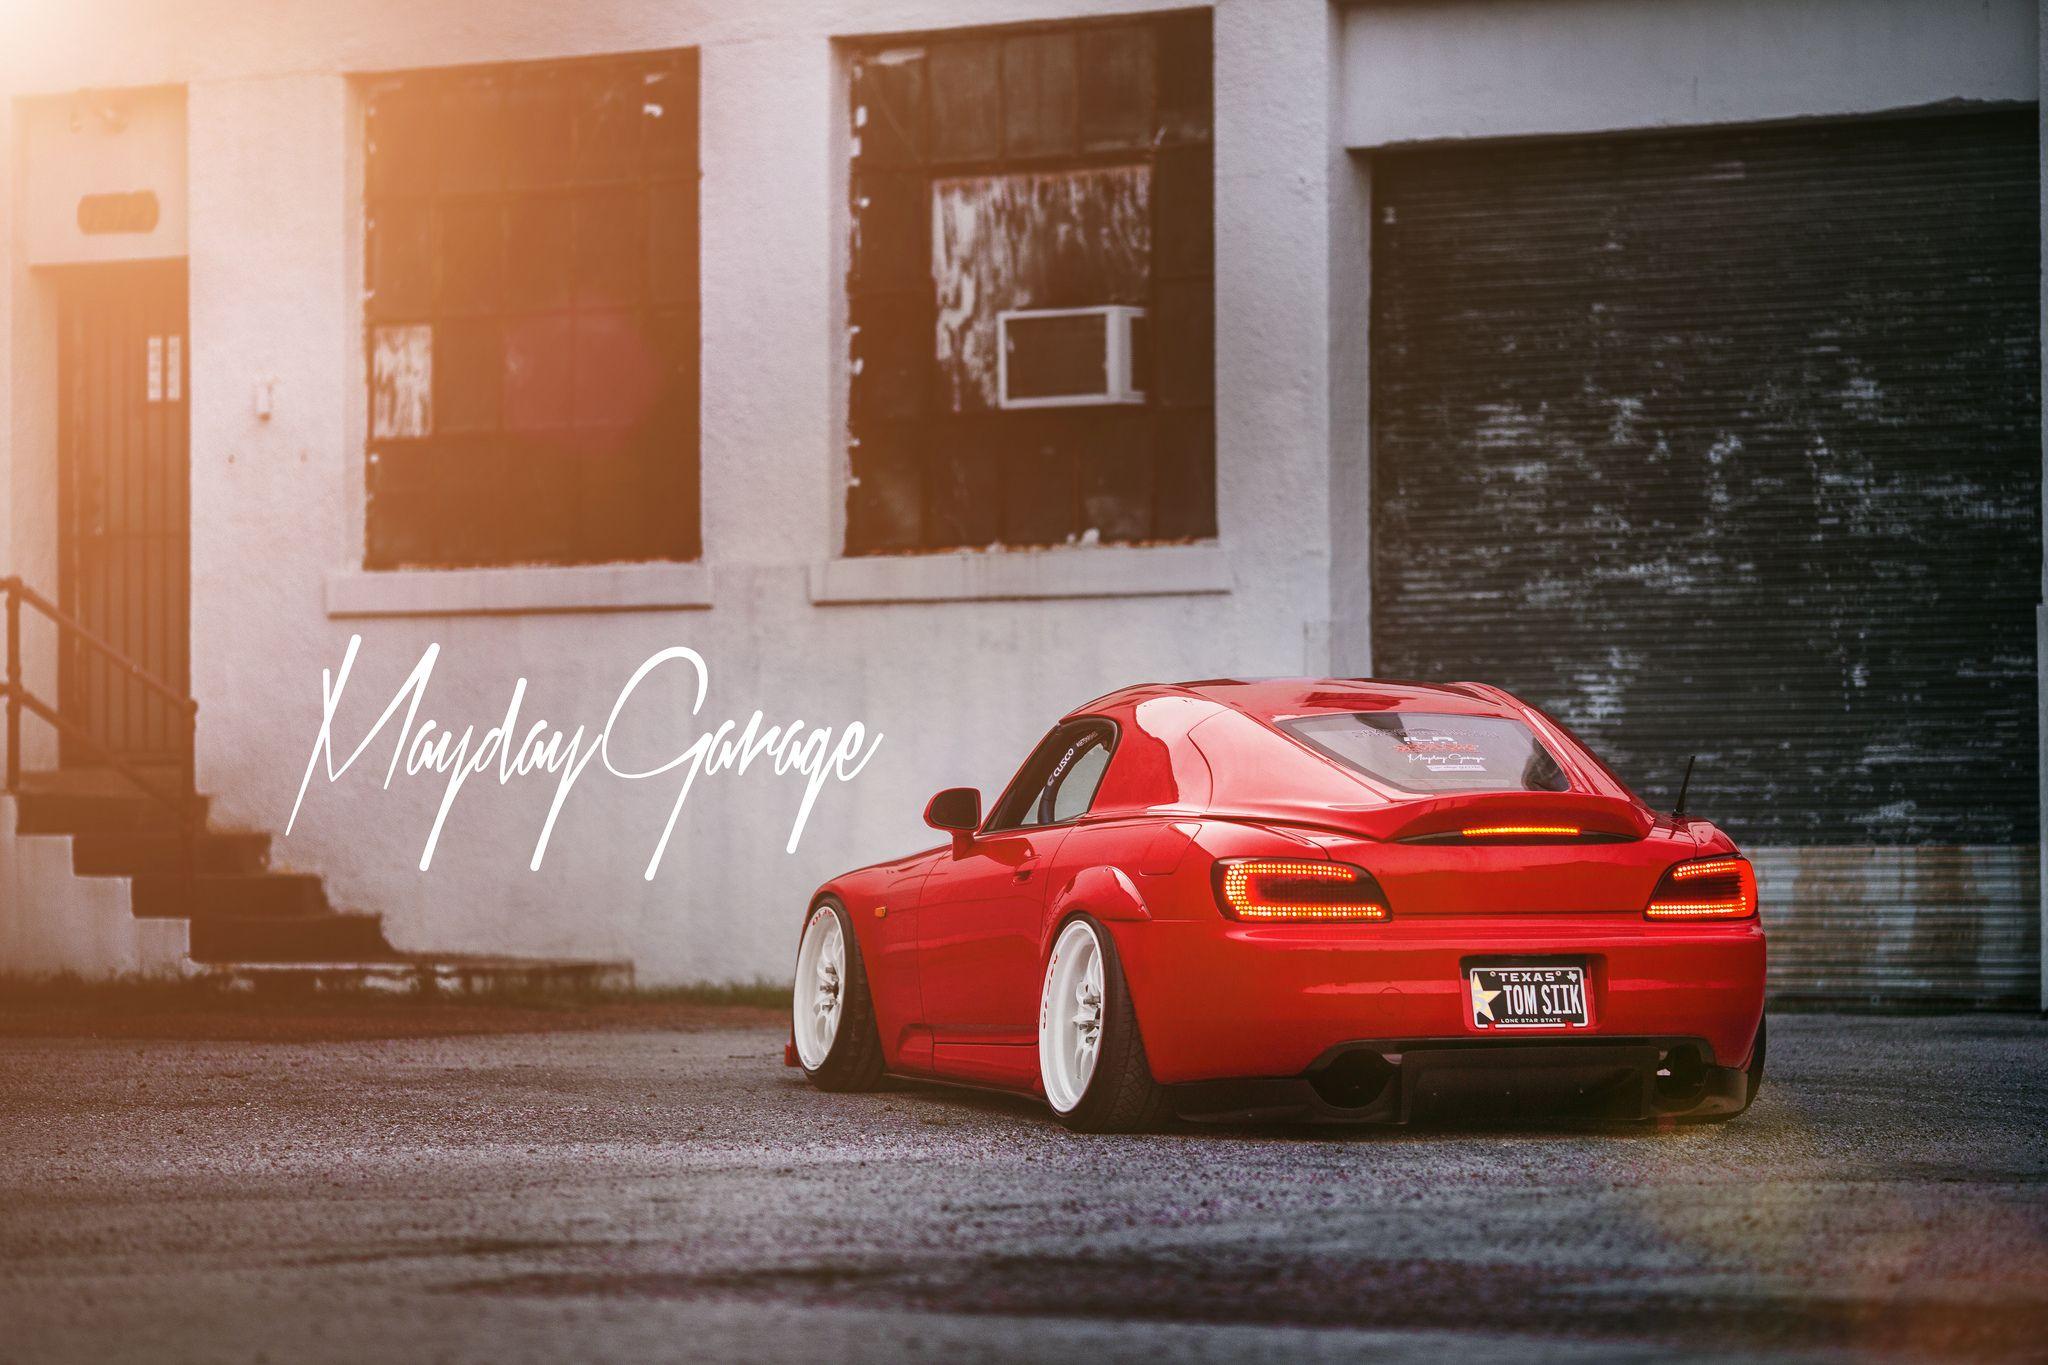 Mayday Garage S2000 AP2 Car Shop GLOW x Mayday Garage